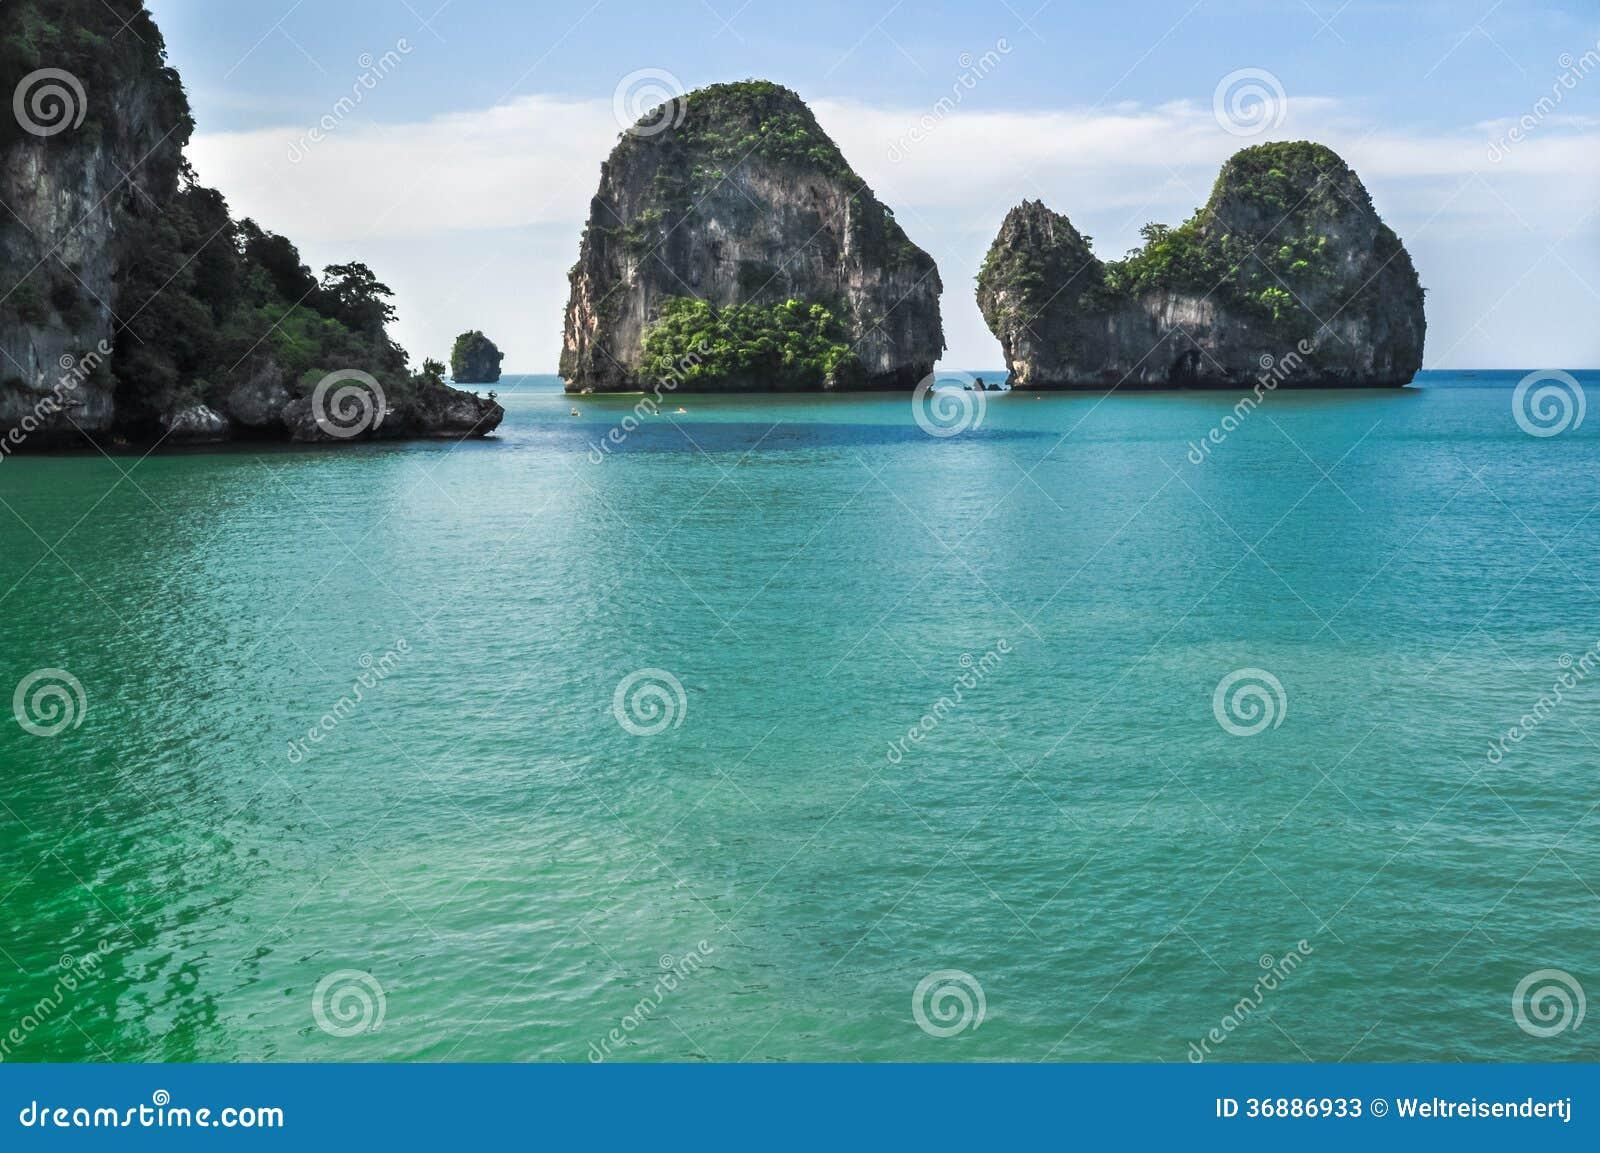 Download Il Tempio Della Spiaggia Della Tailandia Oscilla Krabi Immagine Stock - Immagine di verde, roccia: 36886933